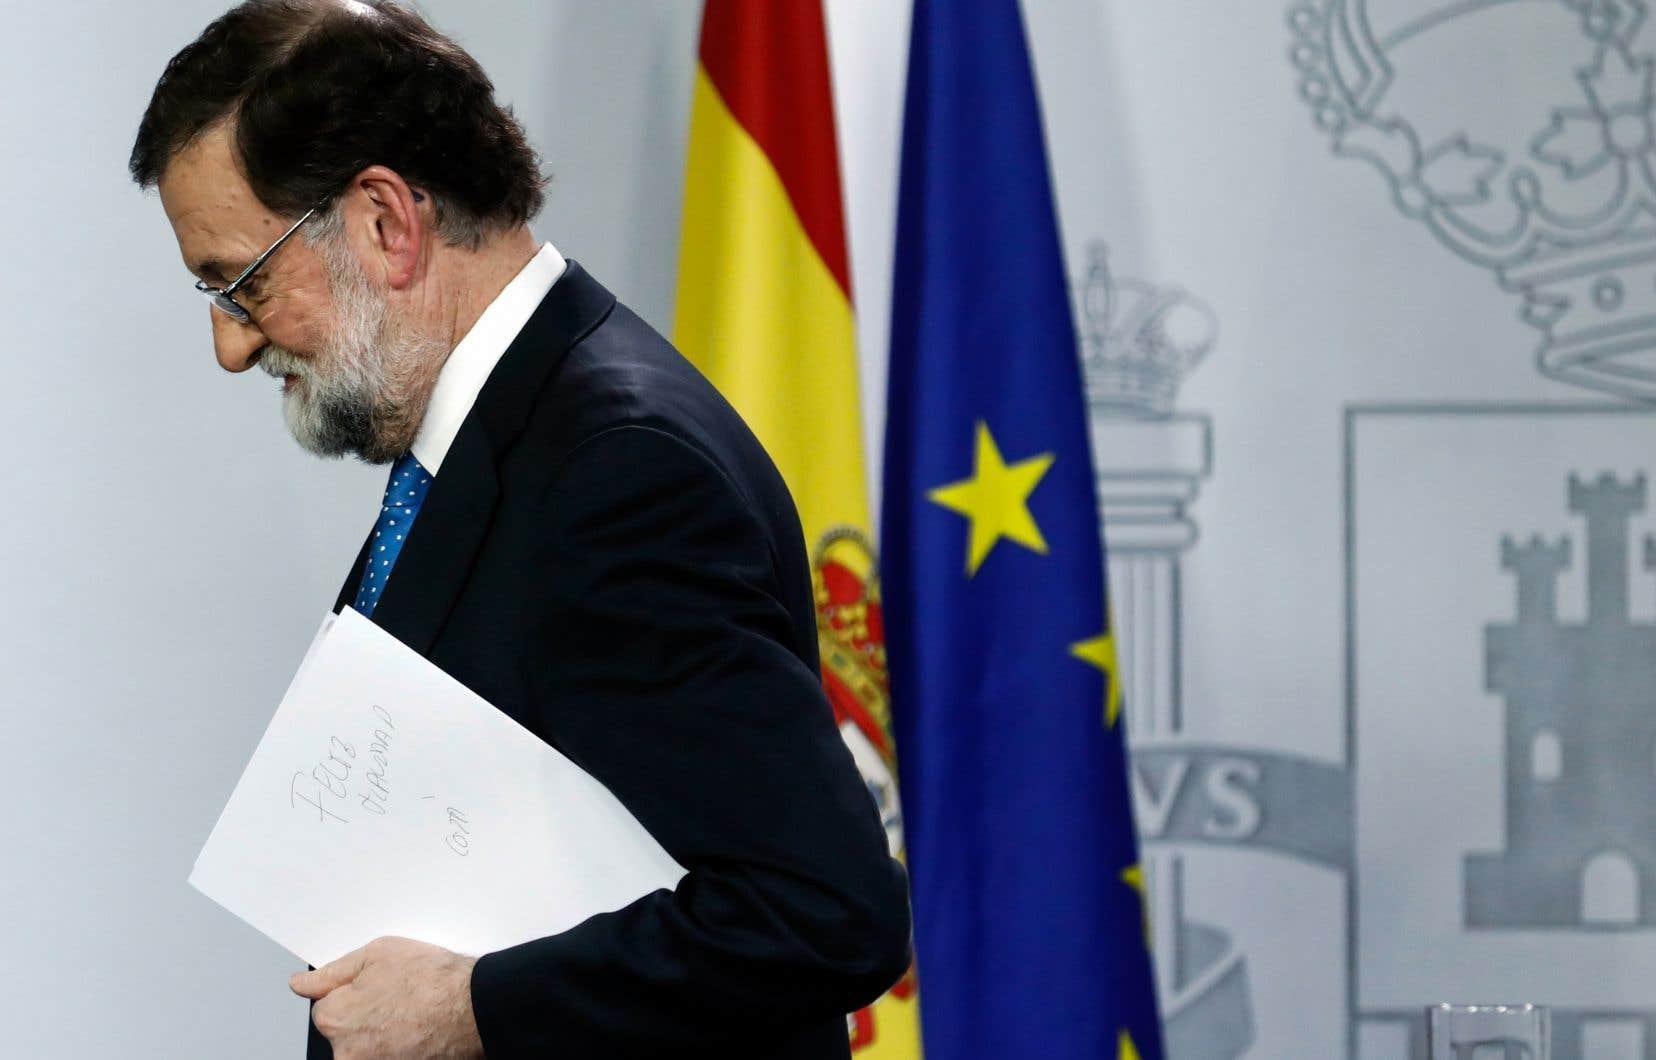 Mariano Rajoy devra prendre rapidement des décisions cruciales, en particulier en ce qui concerne le maintien ou la suspension de la mise sous tutelle de la Catalogne.